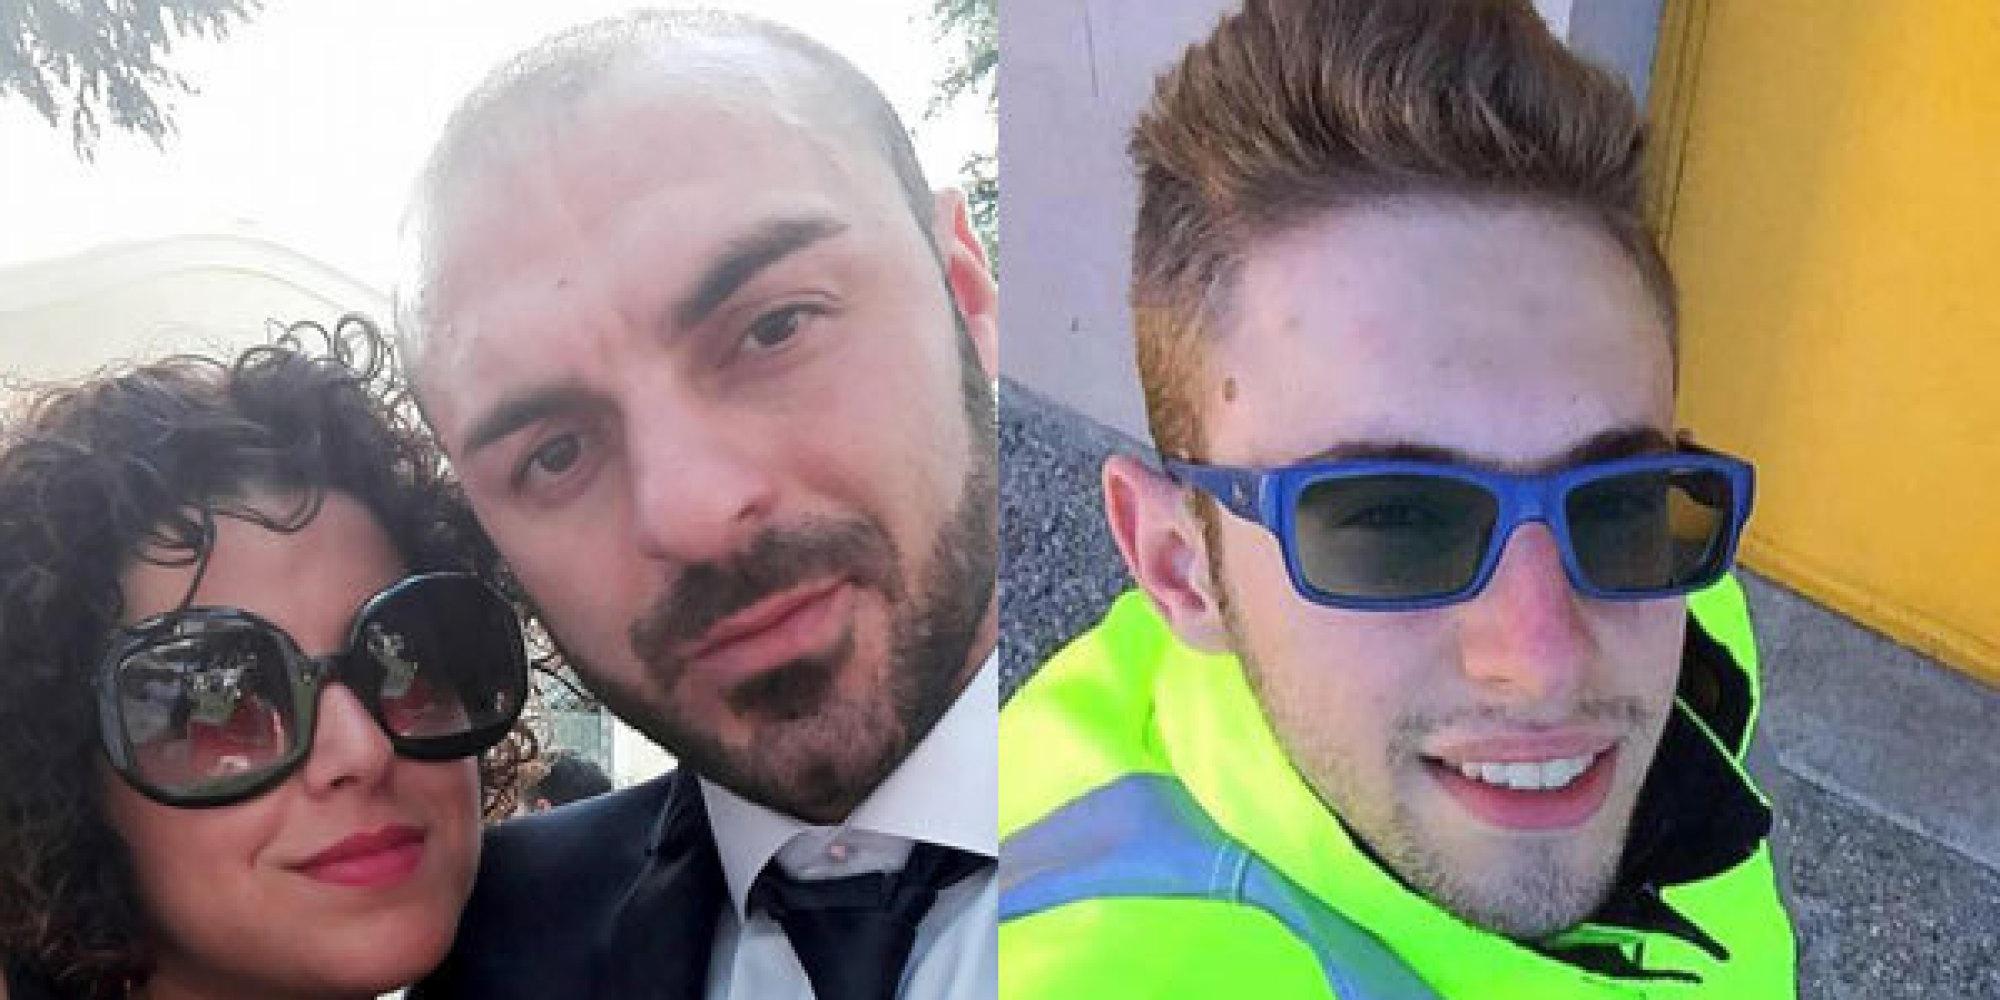 Omicidio Vasto ultime notizie: chiesto ergastolo per Fabio Di Lello